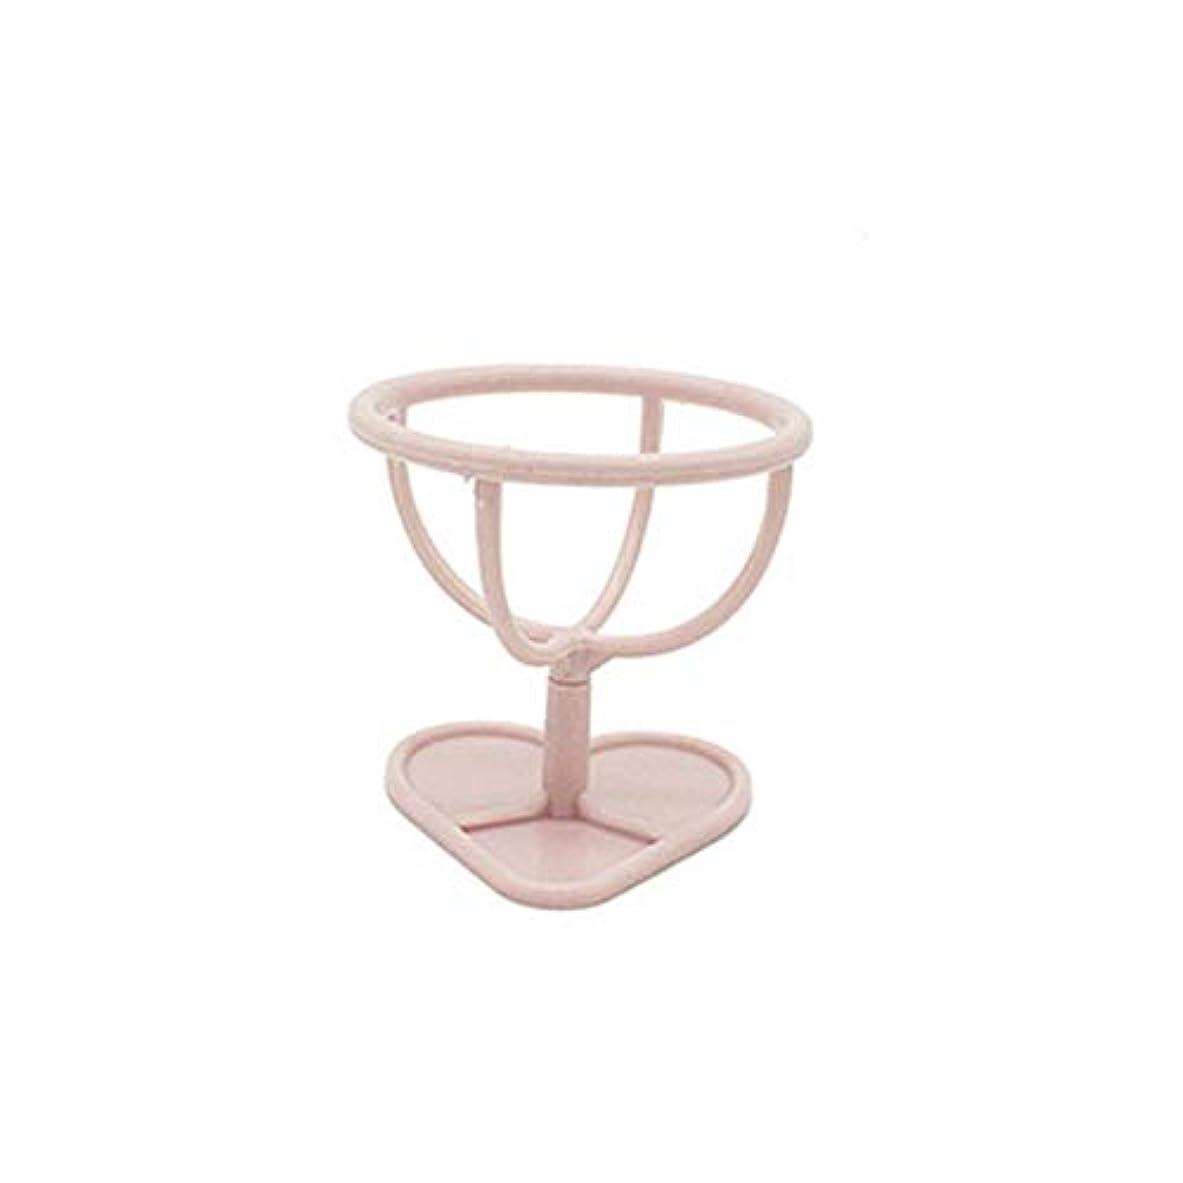 違法パラダイス加速するパフ美容メイクスポンジホルダー化粧品スポンジスタンド卵粉パフ収納ラックドライヤー化粧オーガナイザー棚ツールキット(Color:pink)